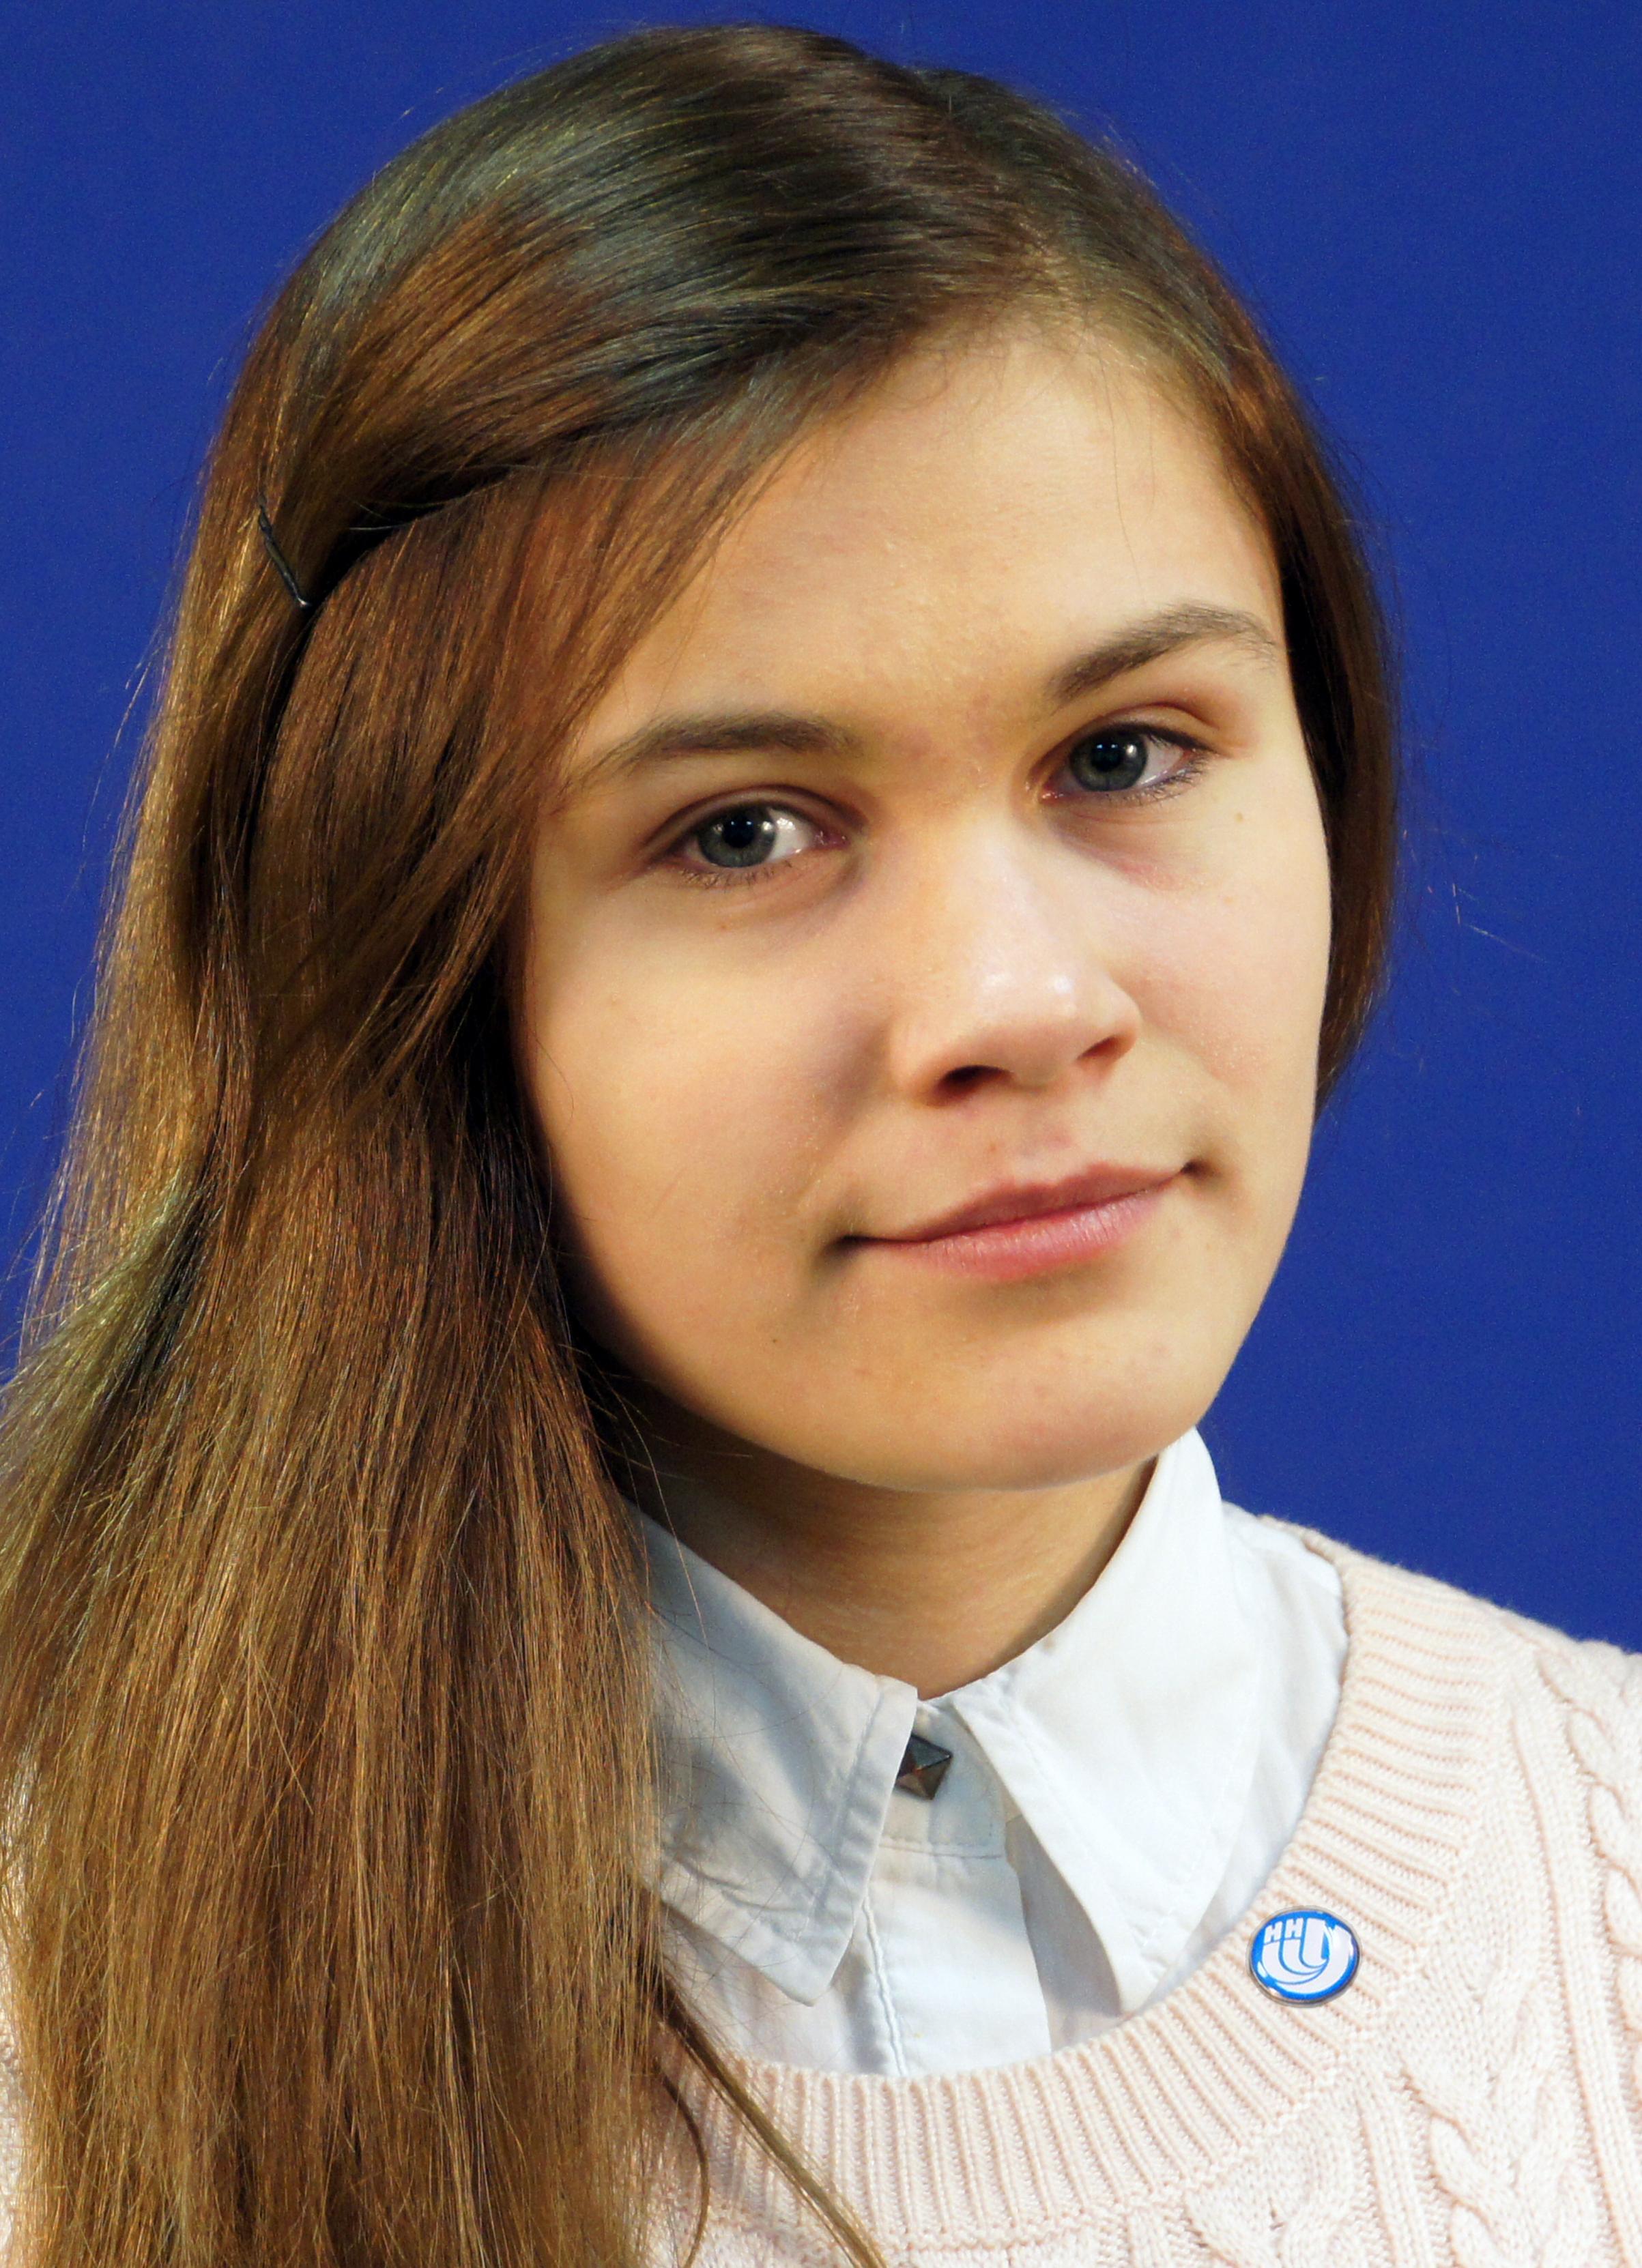 Минеева Дарья Павловна